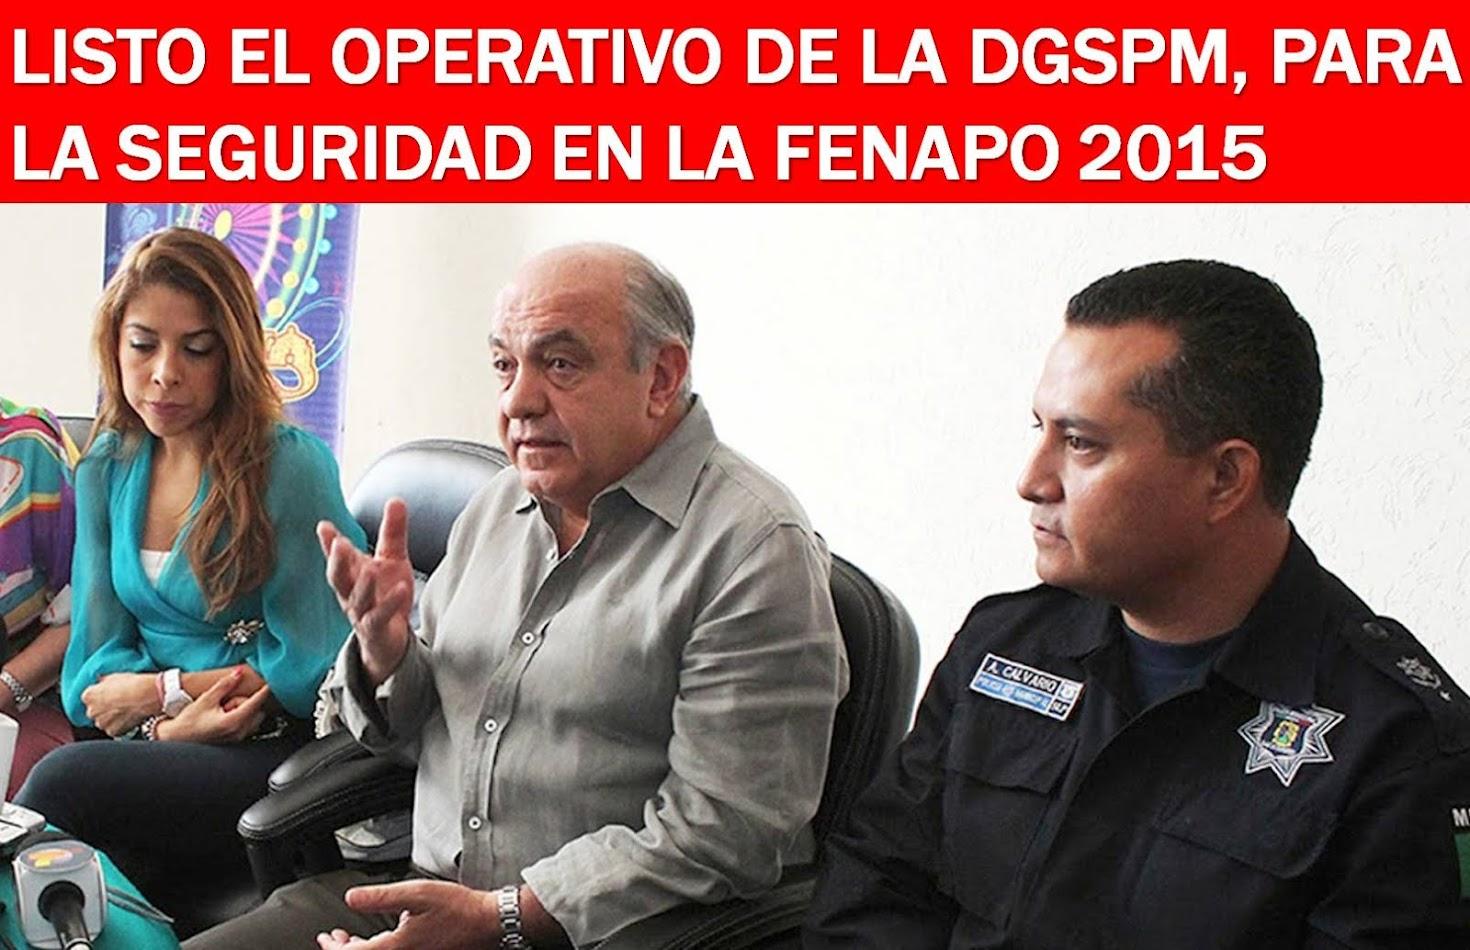 FENAPO 2015: LA MEJOR FIESTA DEL VERANO EN MÉXICO, Y EN EL MUNDO.......